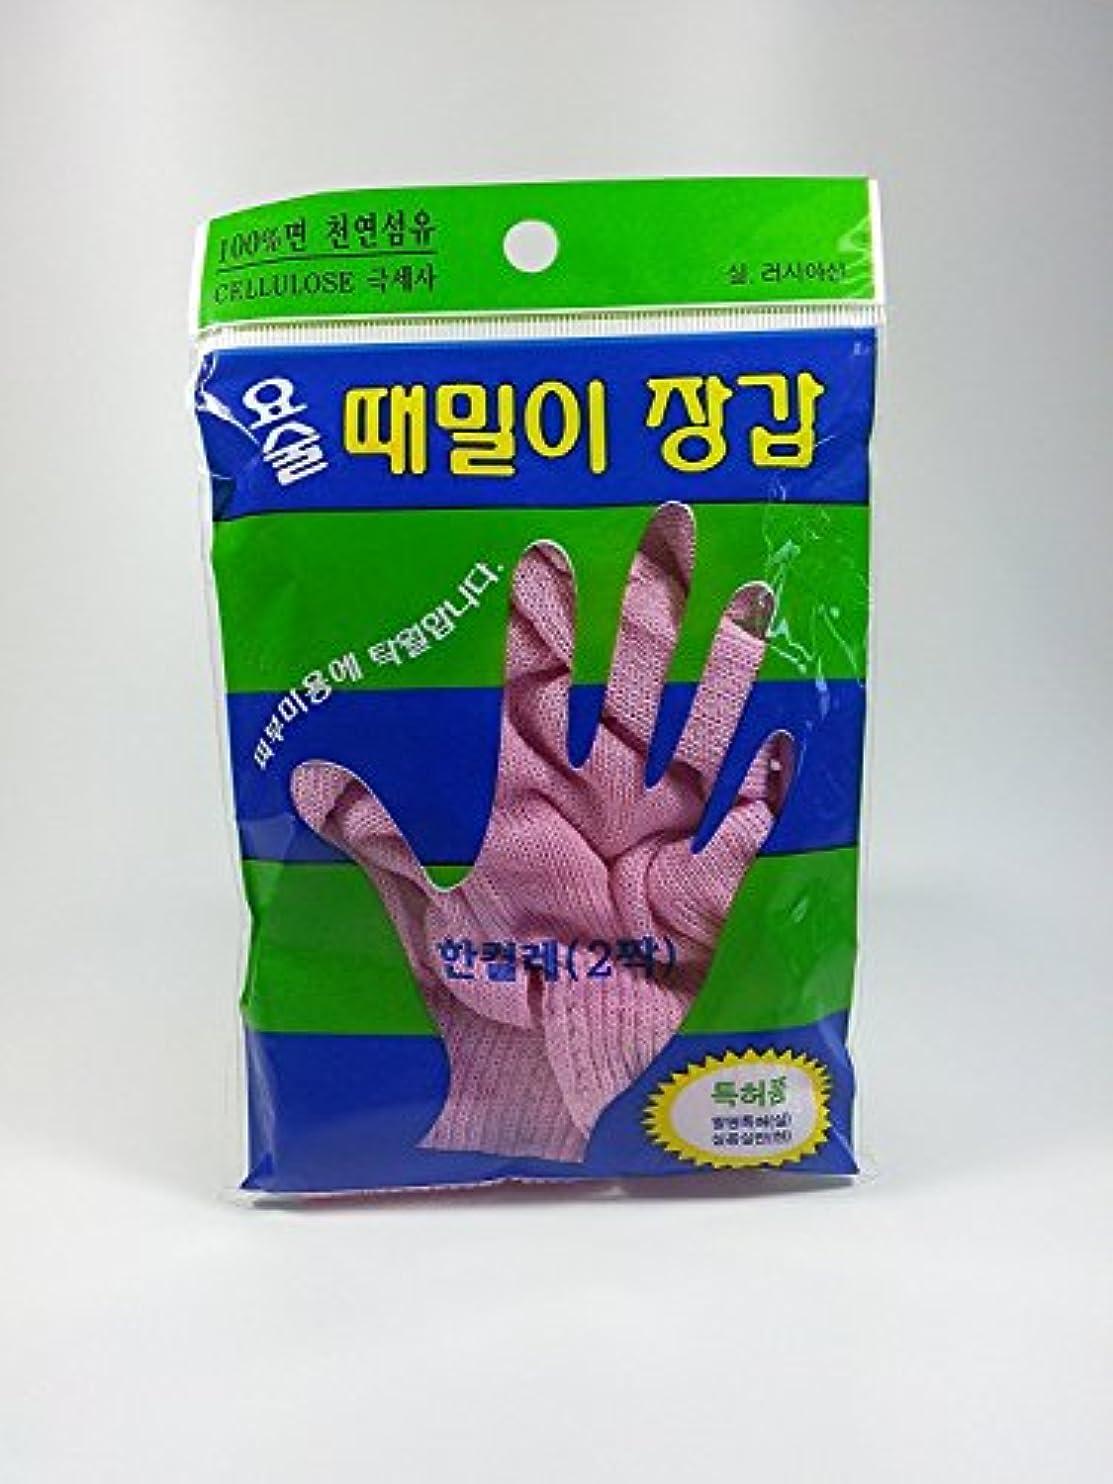 粗い脅迫許容ジョンジュン産業 韓国式 垢すり 手袋 バスグローブ 5本指 ボディスクラブ 100% 天然セルロース繊維製 ???? ??????? Magic Korean Body Back Scrub [並行輸入品]